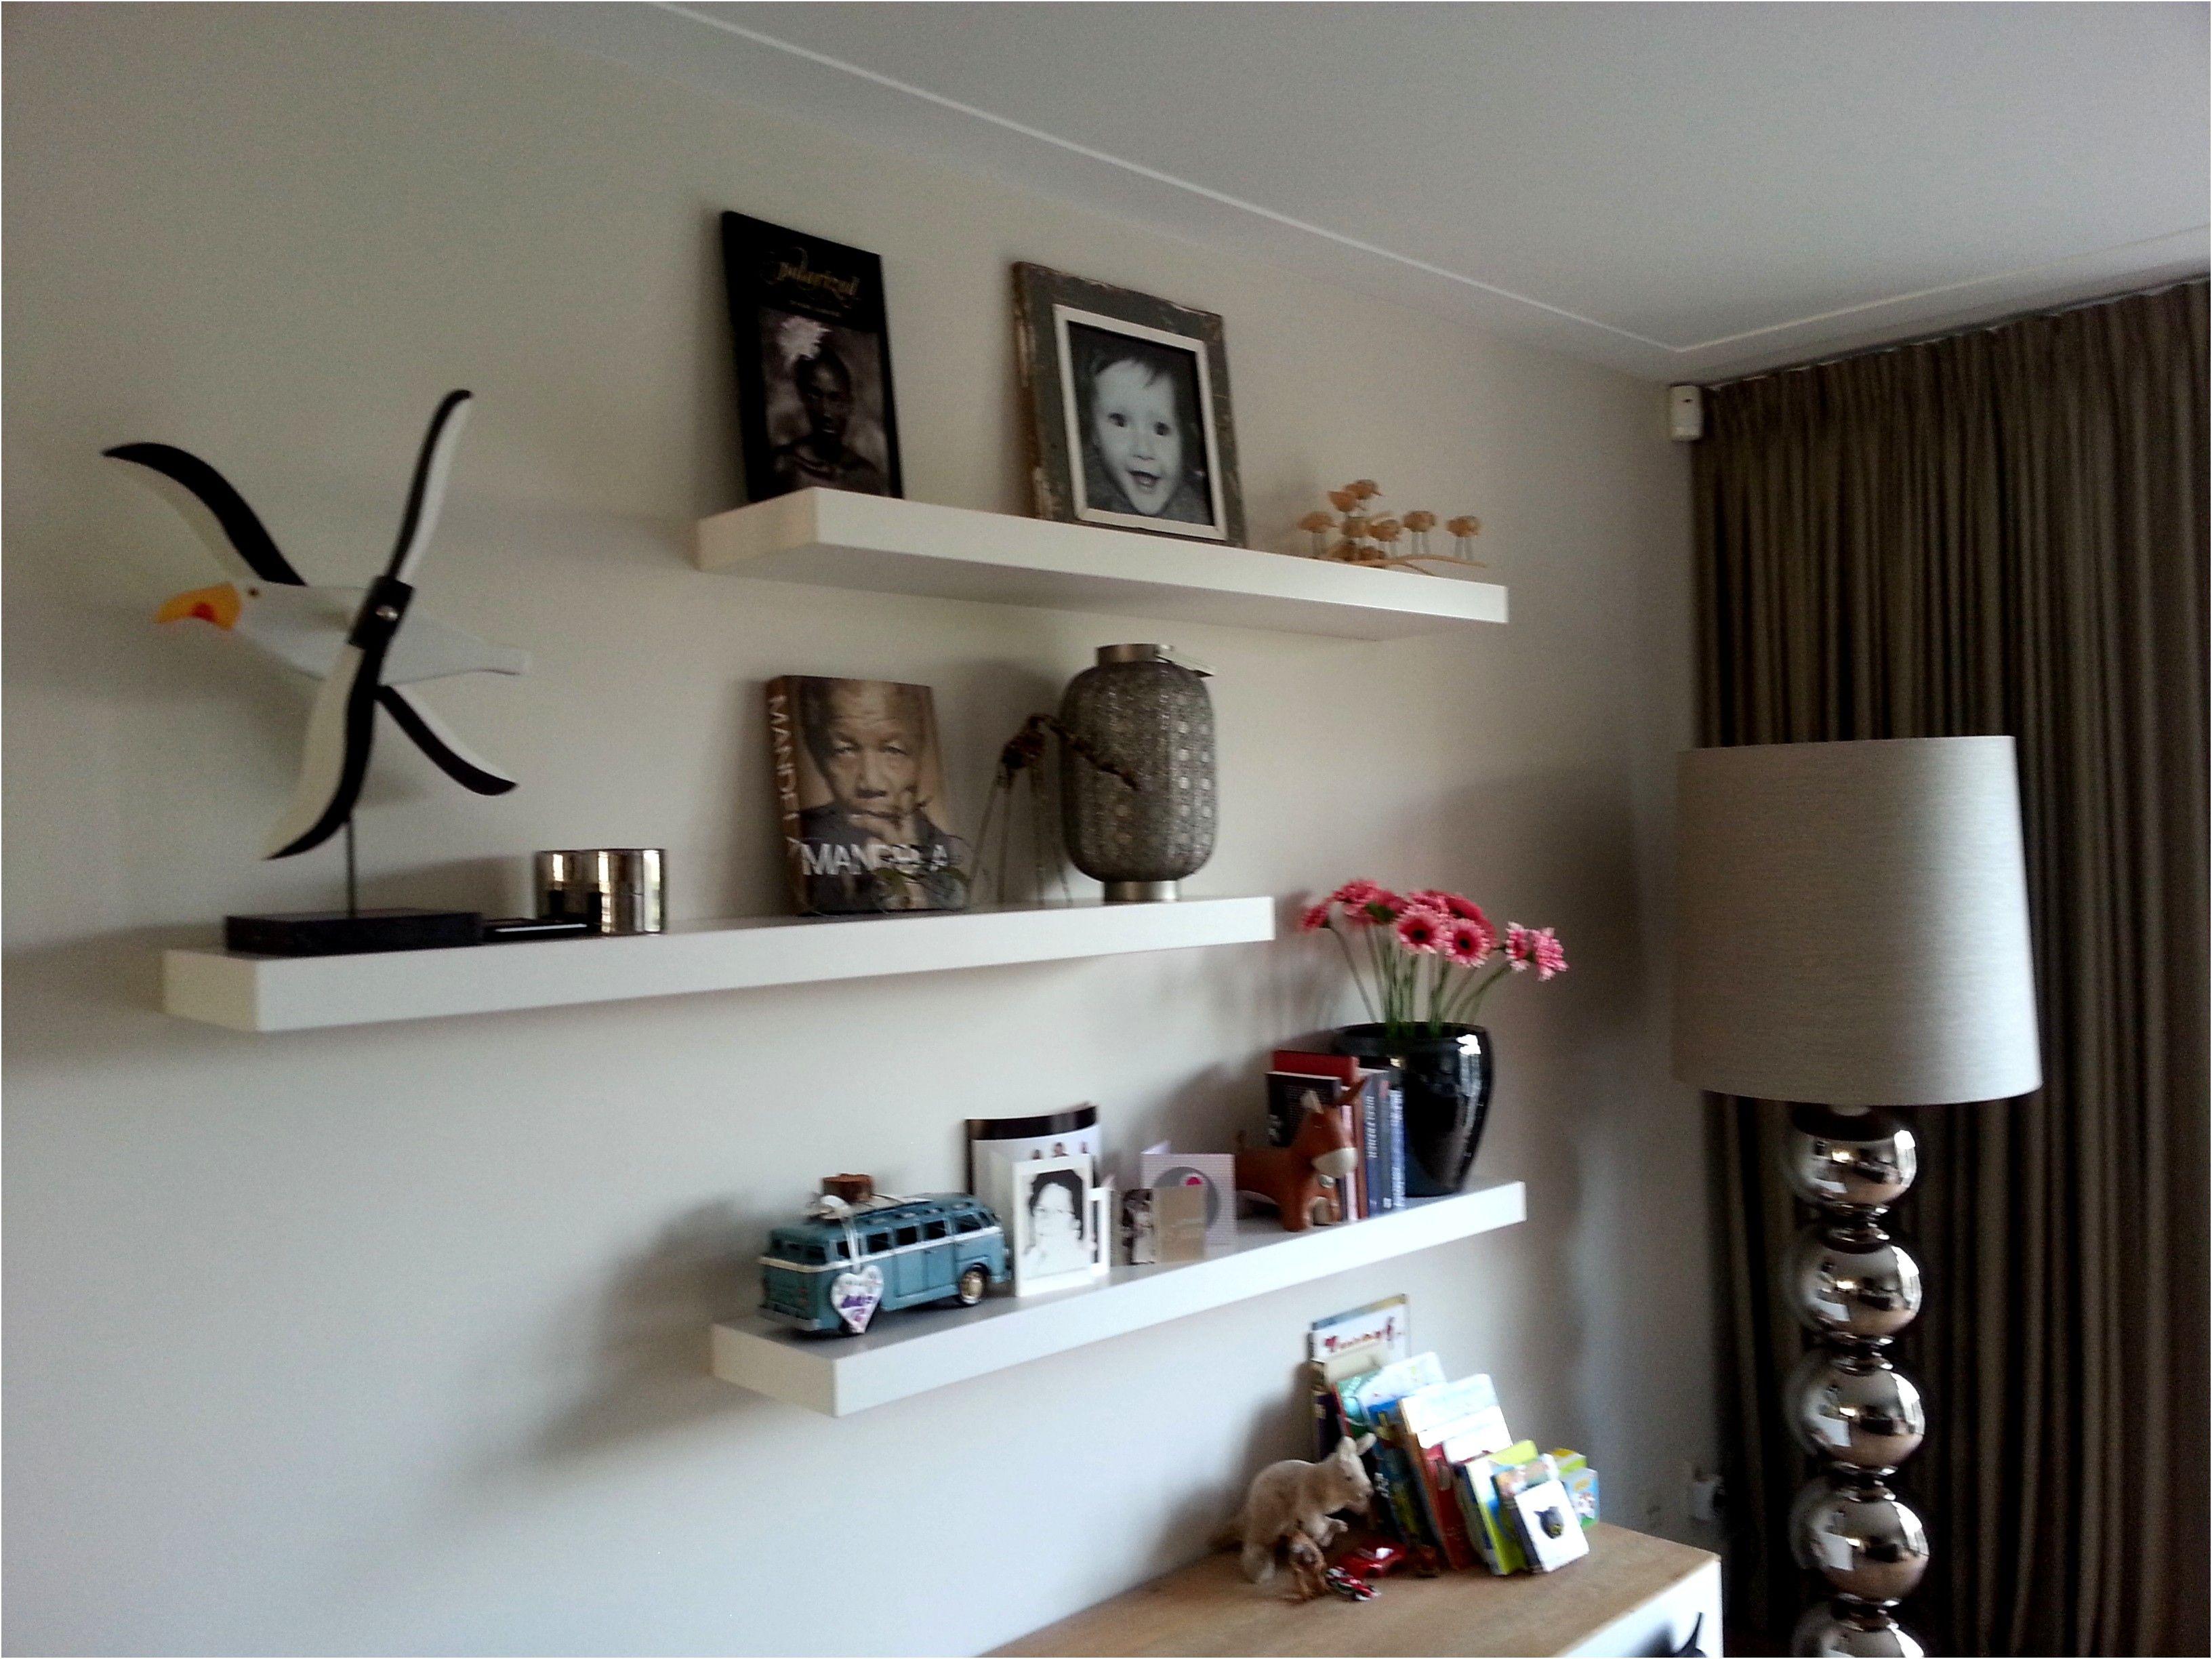 Decoratie Slaapkamer Ikea : Fantastisch slaapkamer decoratie ikea deko